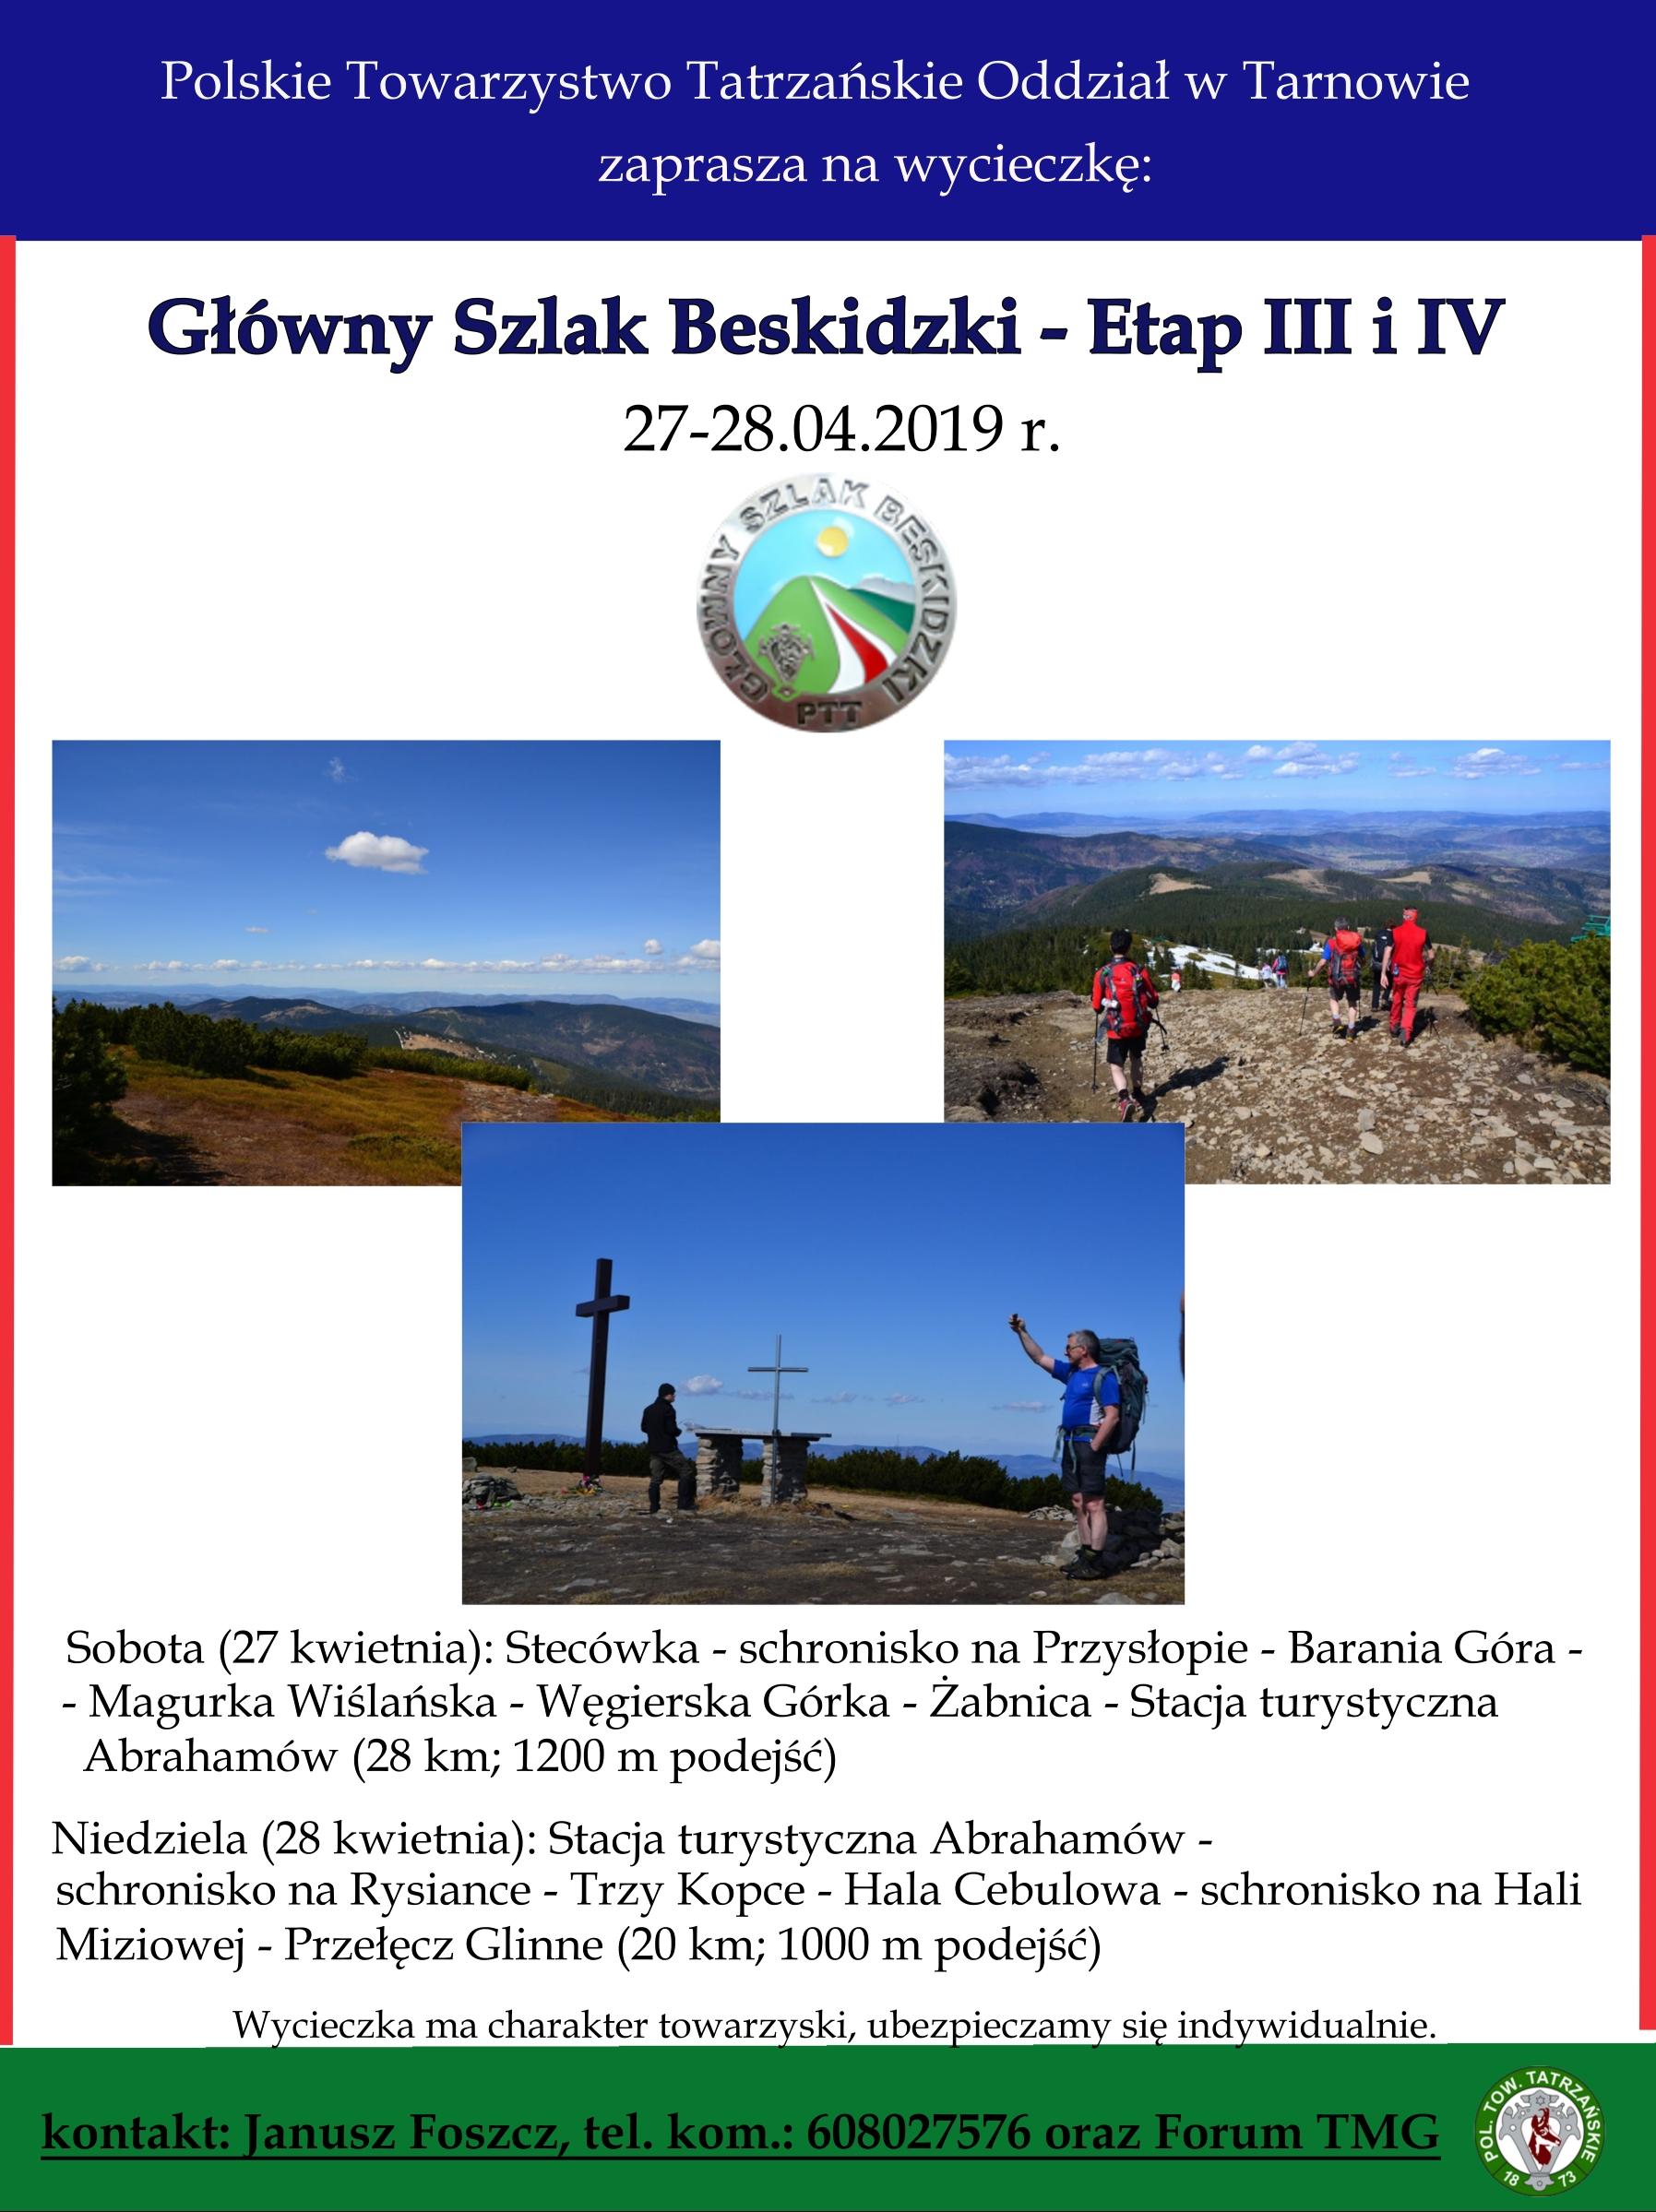 d625128c9fa5b Polskie Towarzystwo Tatrzańskie - Oddział PTT w Tarnowie